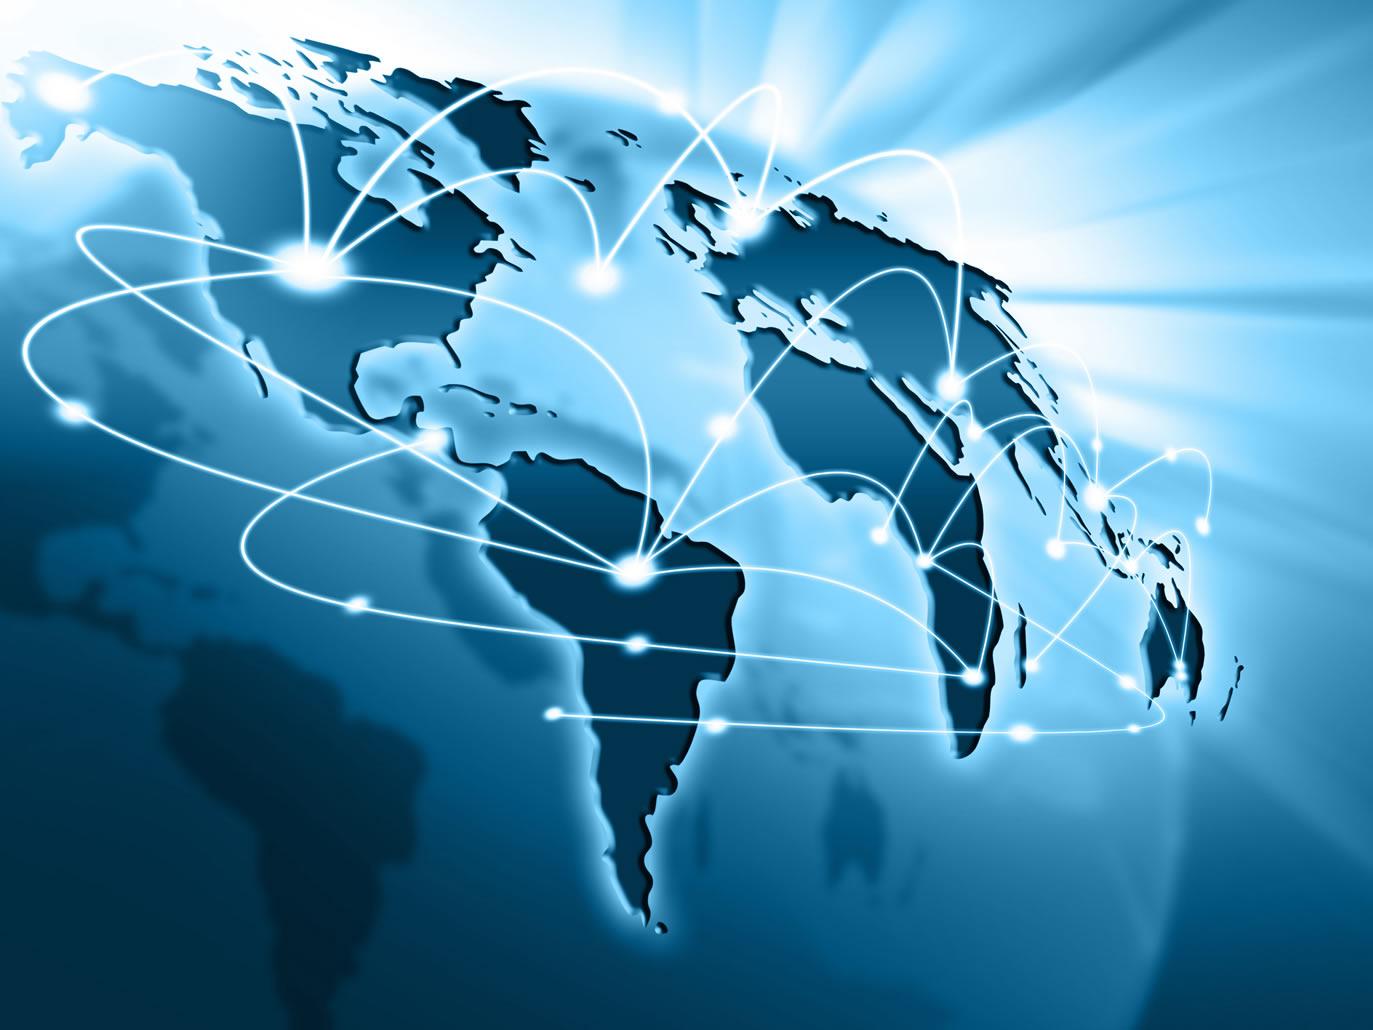 Ungaria vrea sa taxeze utilizarea internetului